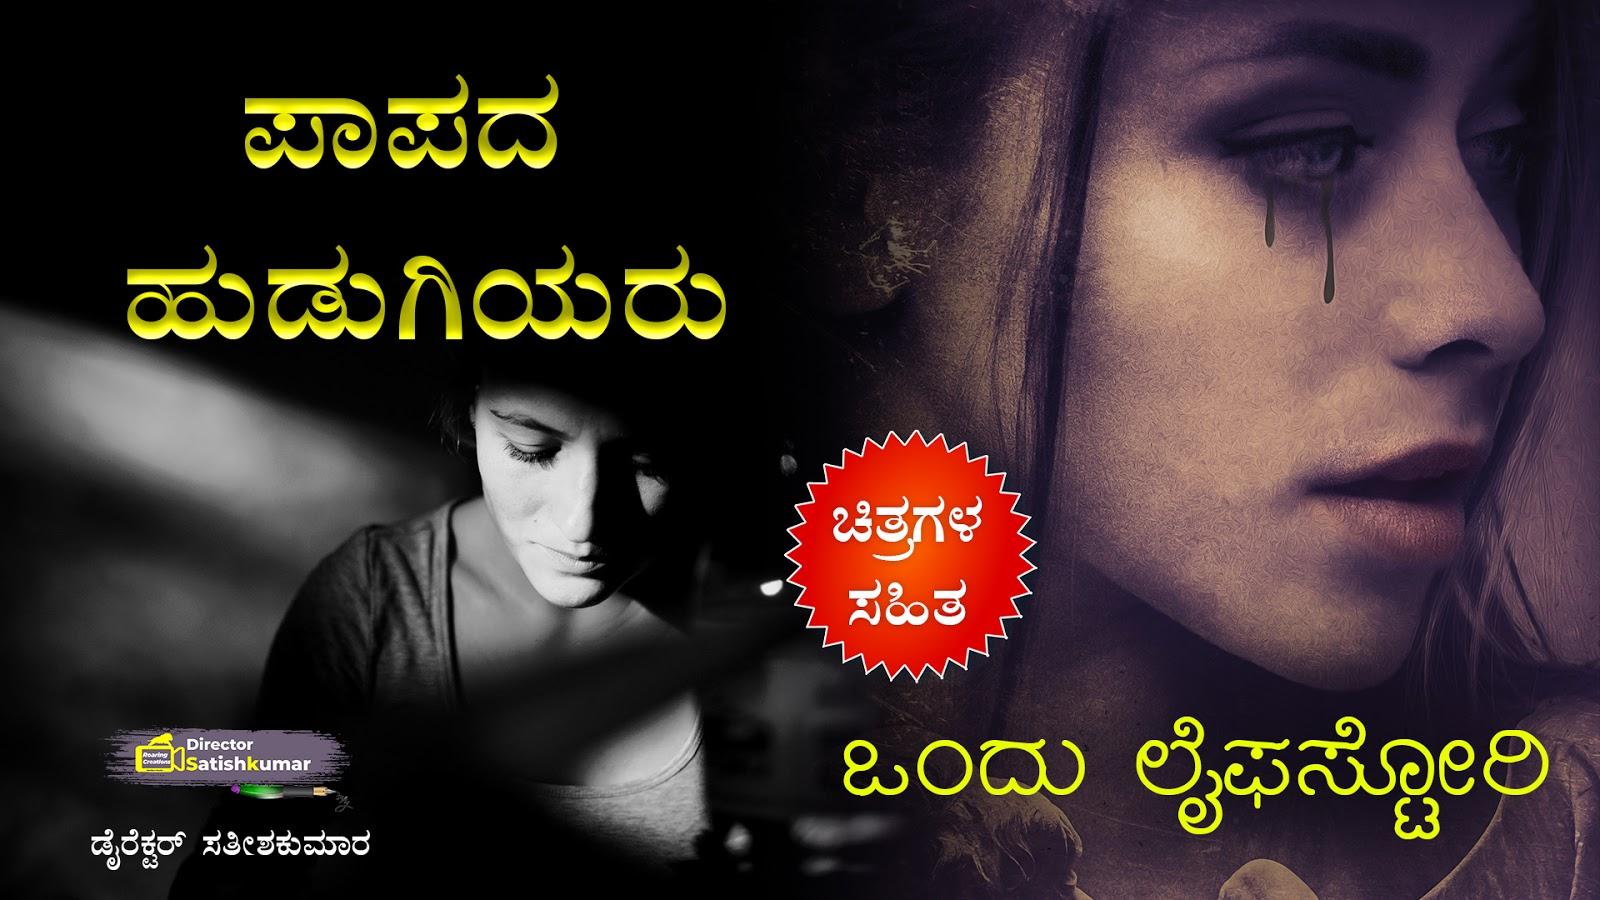 ಪಾಪದ ಹುಡುಗಿಯರು : ಒಂದು ಲೈಫಸ್ಟೋರಿ - Kannada Sad Life Love Story